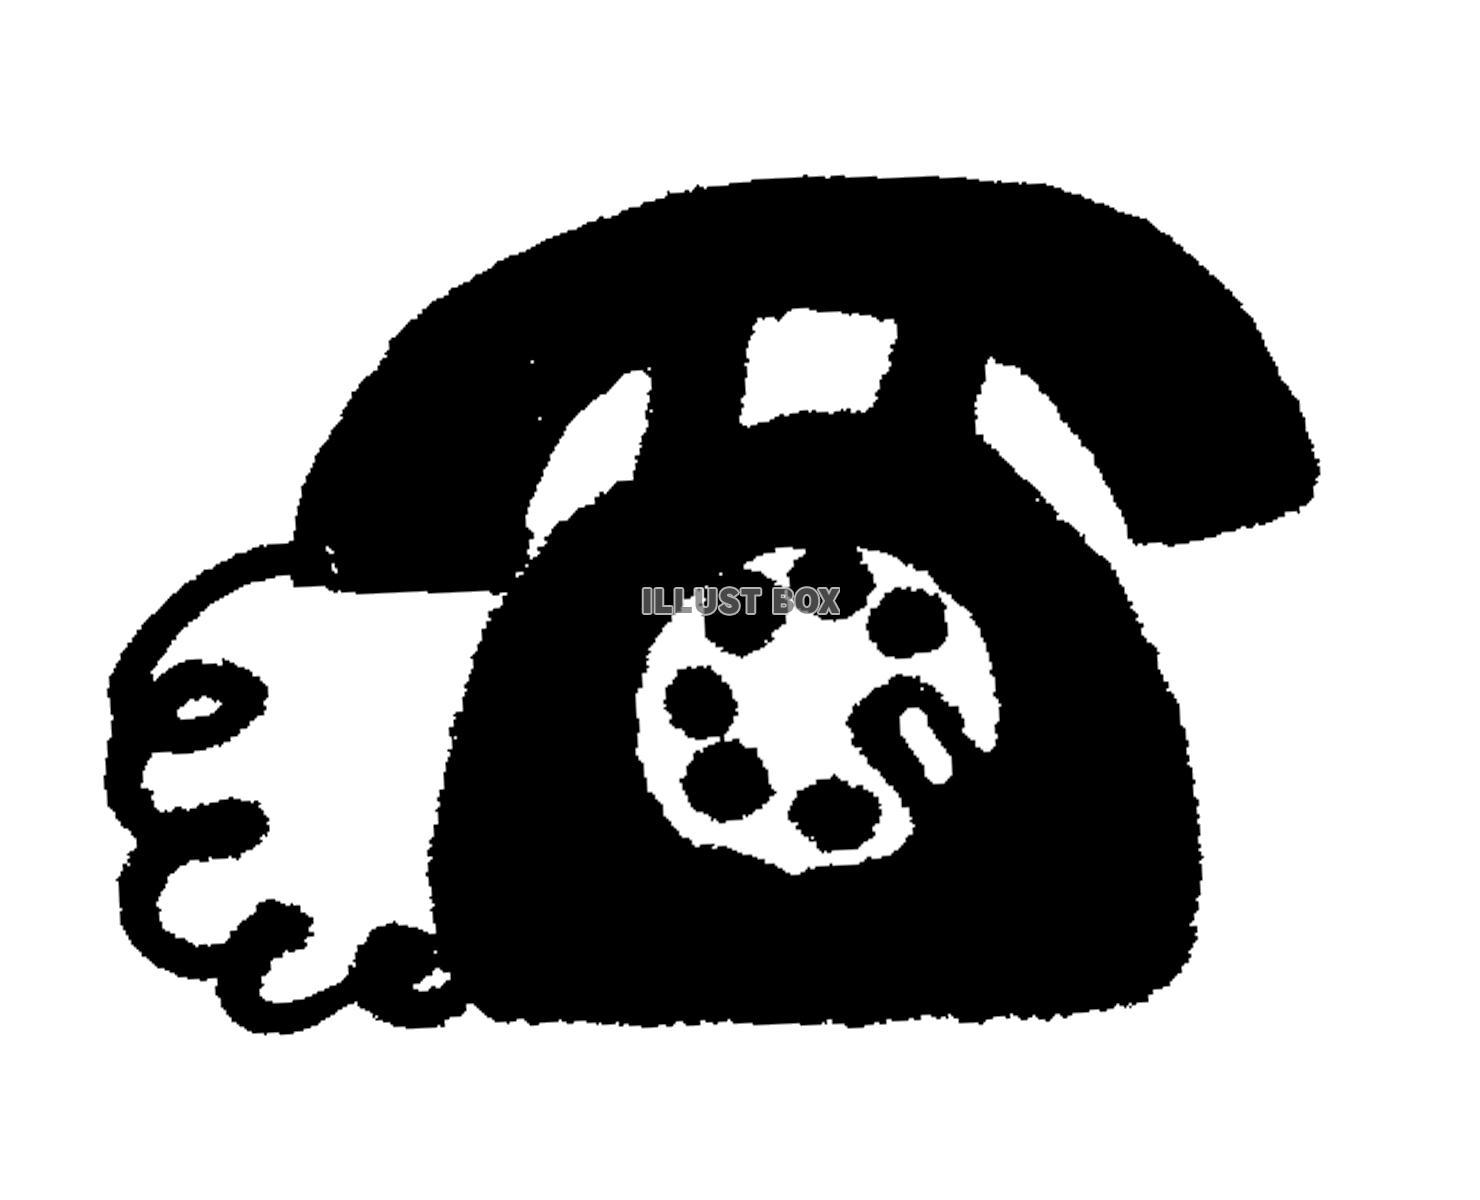 「黒電話 イラスト」の検索結果 - Yahoo!検索(画像)